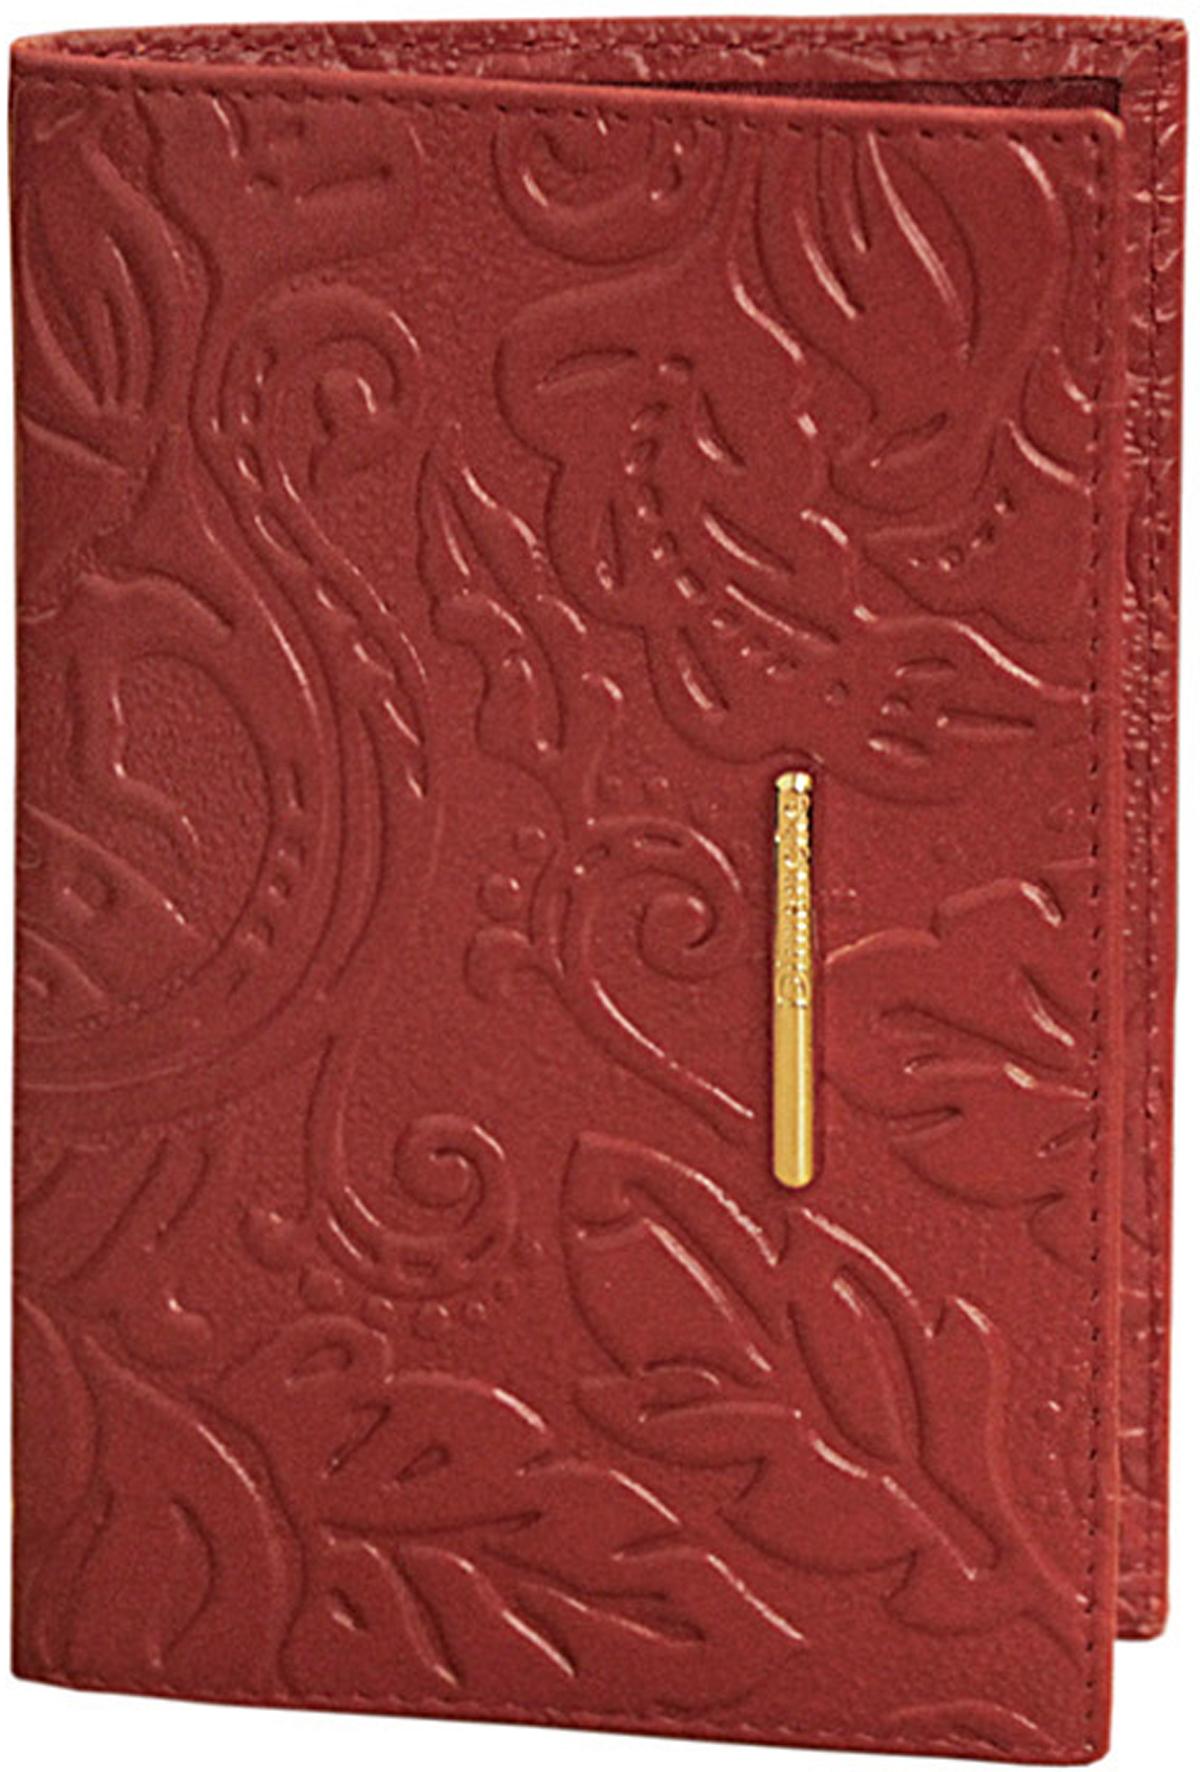 Обложка для паспорта женская Dimanche Арабеска, цвет: красный. 920920Элегантная обложка для паспорта Dimanche Арабеска выполнена из натуральной мягкой кожи с изящным украшением. На внутреннем развороте два кармана из прозрачного пластика.